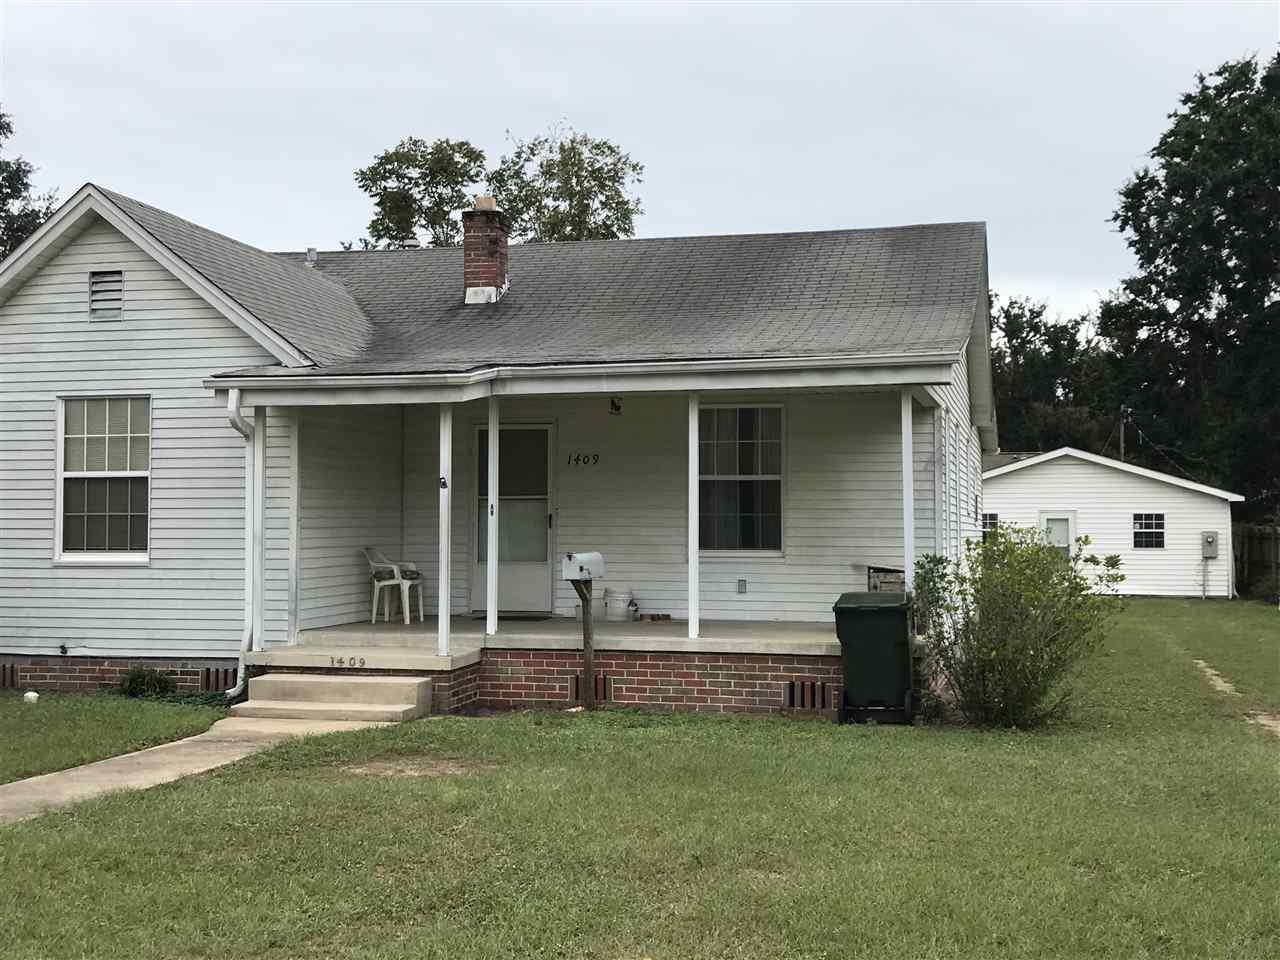 1409 Wilson Ave, Pensacola, FL 32507